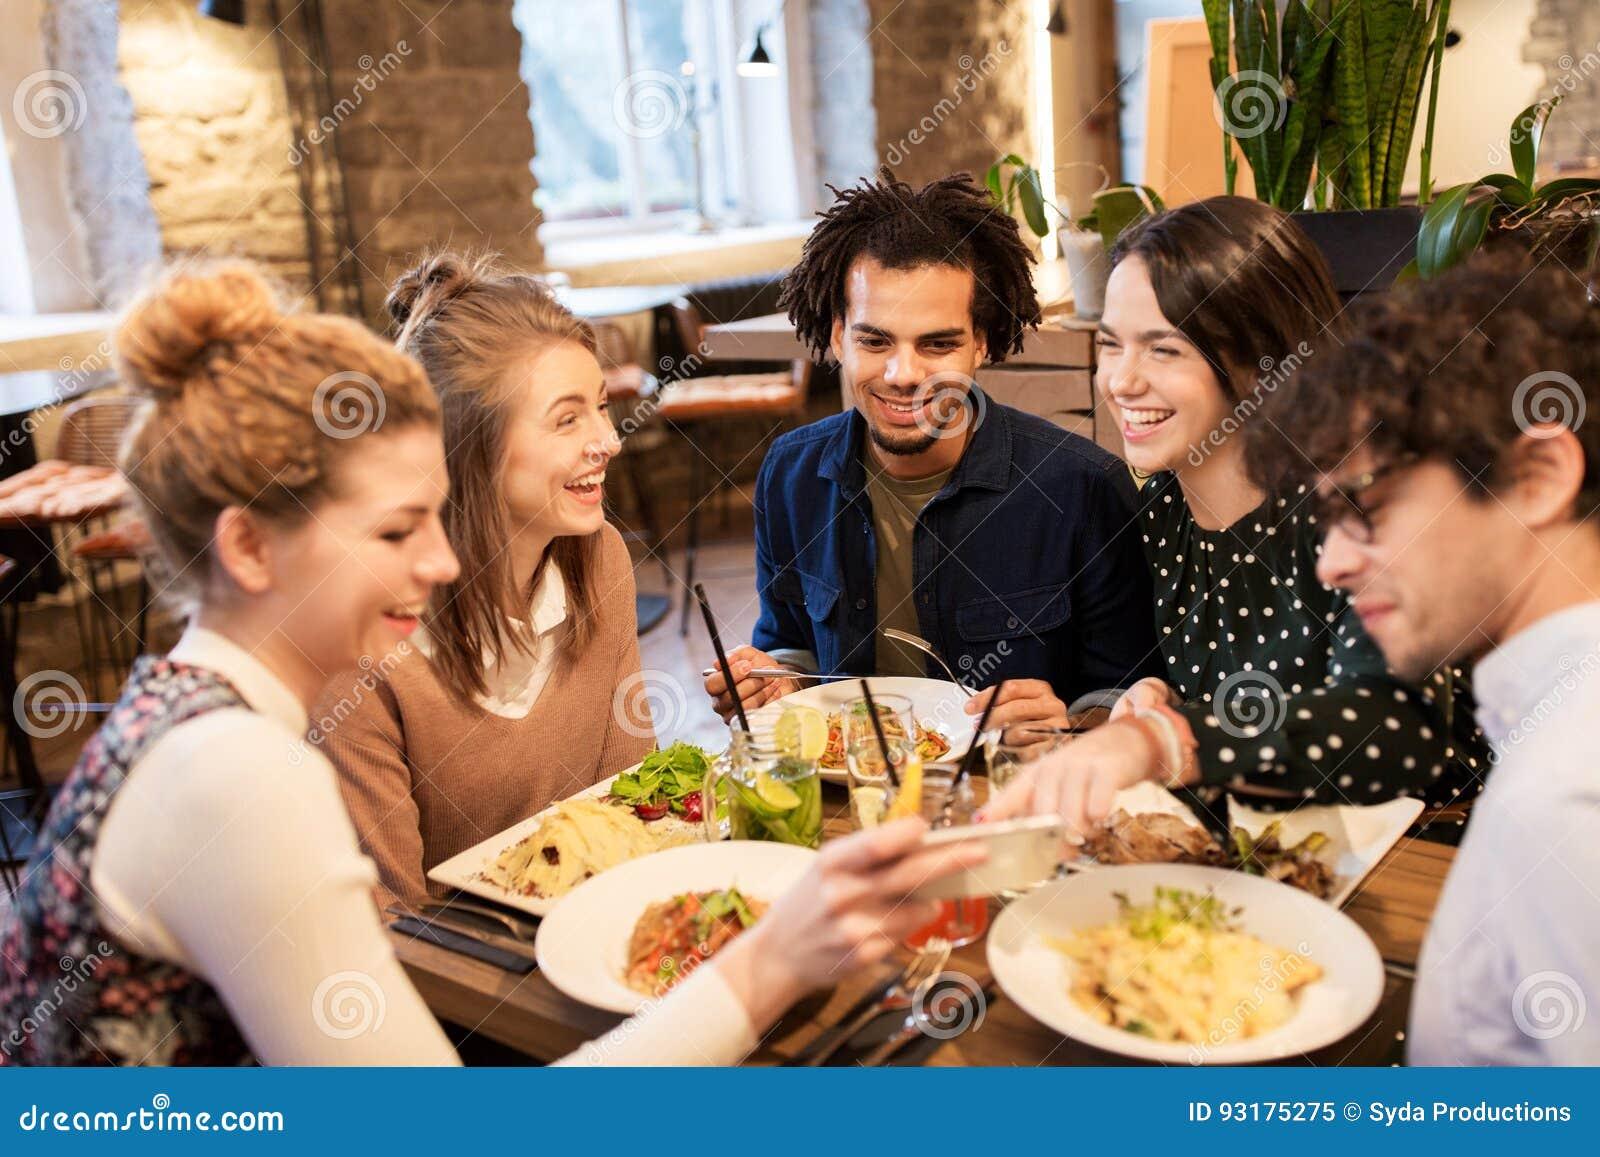 Freunde mit Smartphone essen im Restaurant — Stockfoto